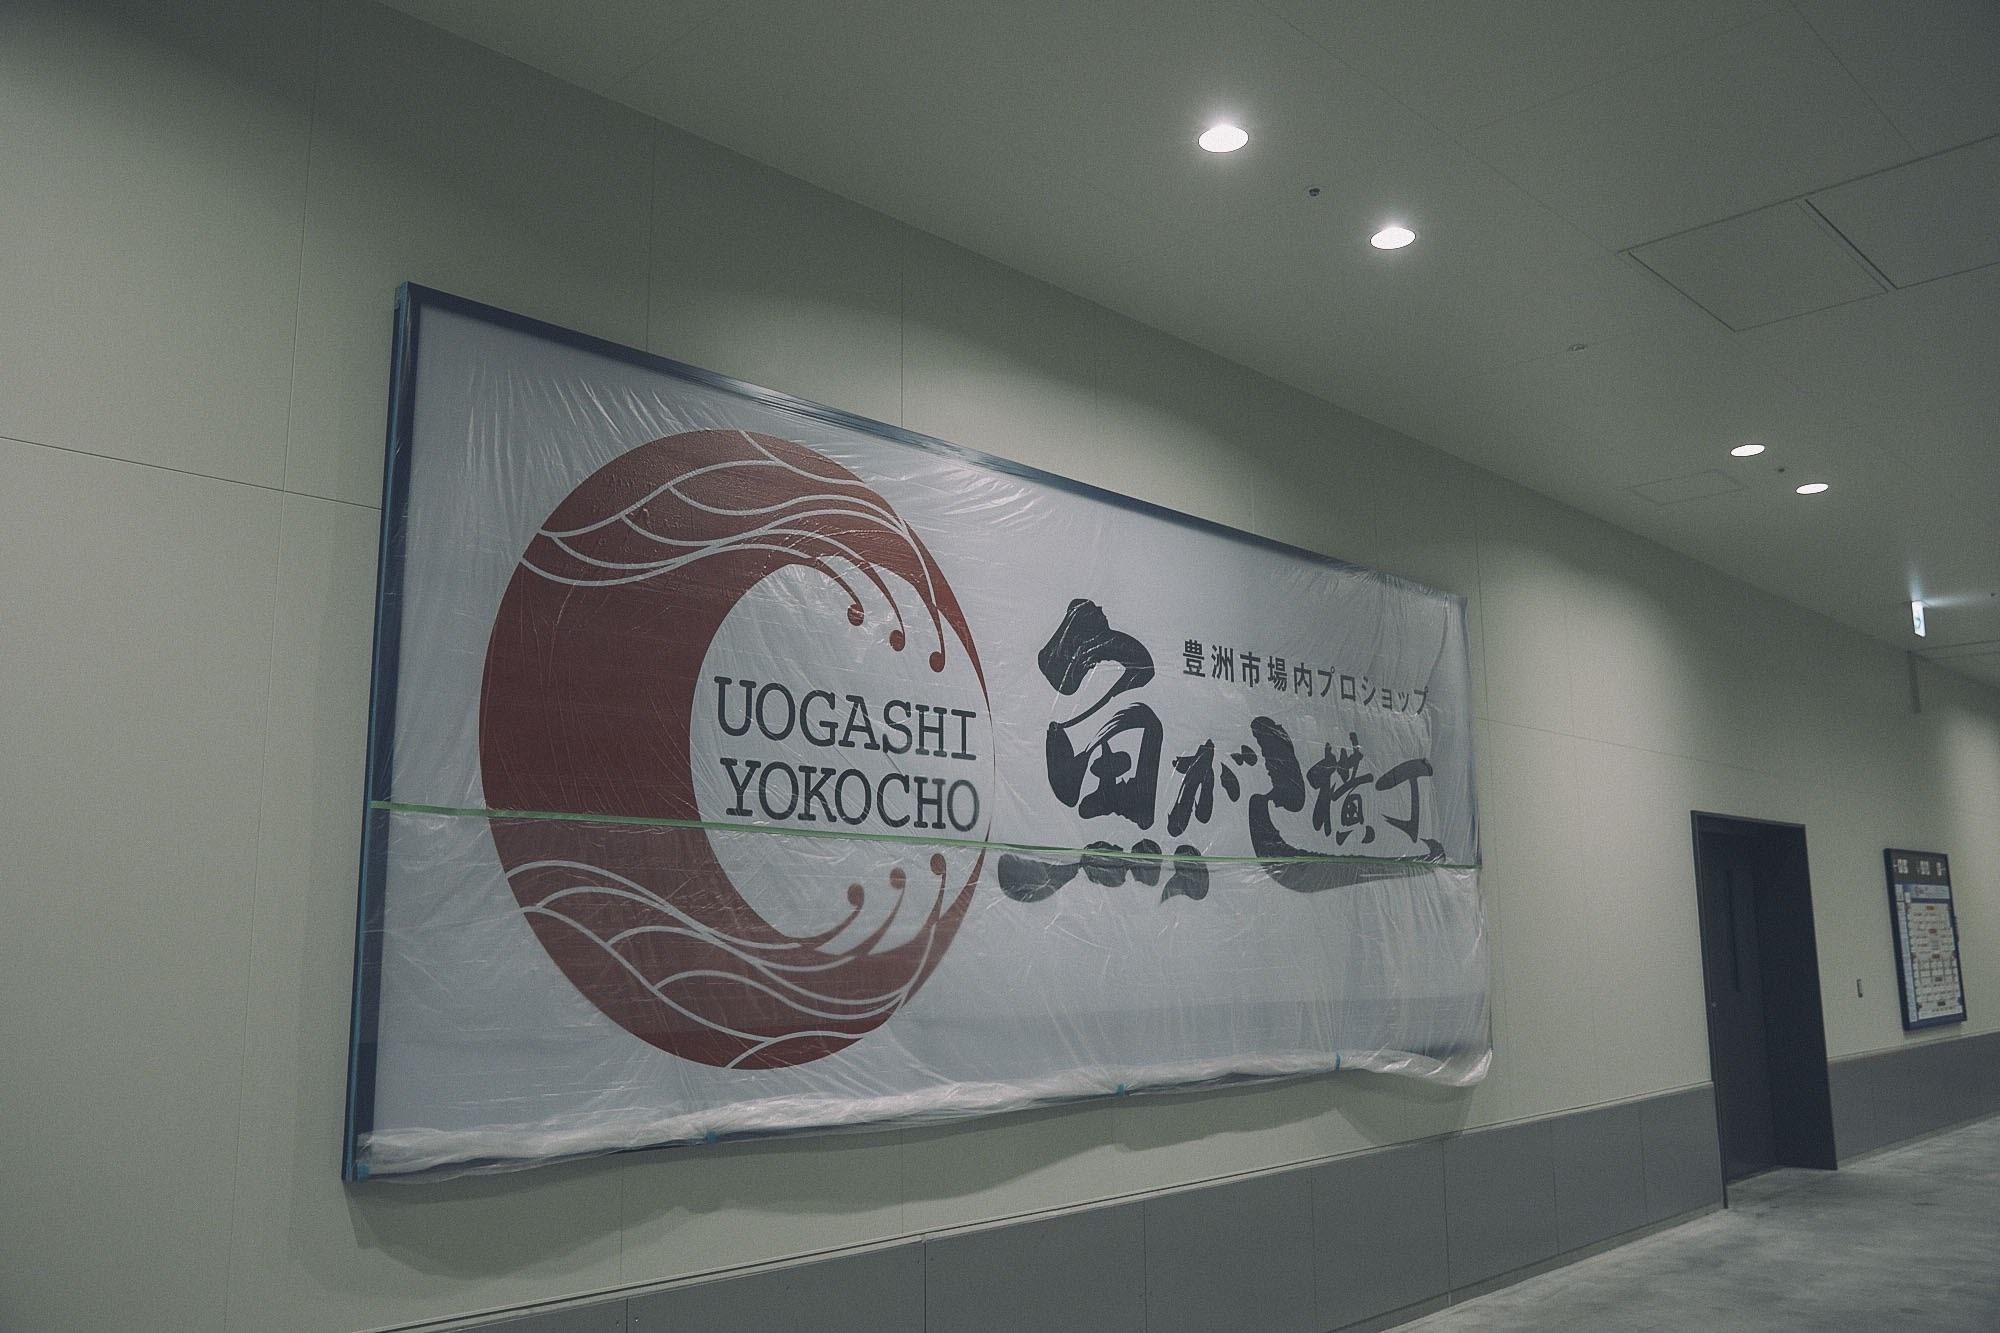 豊洲市場内の看板の写真